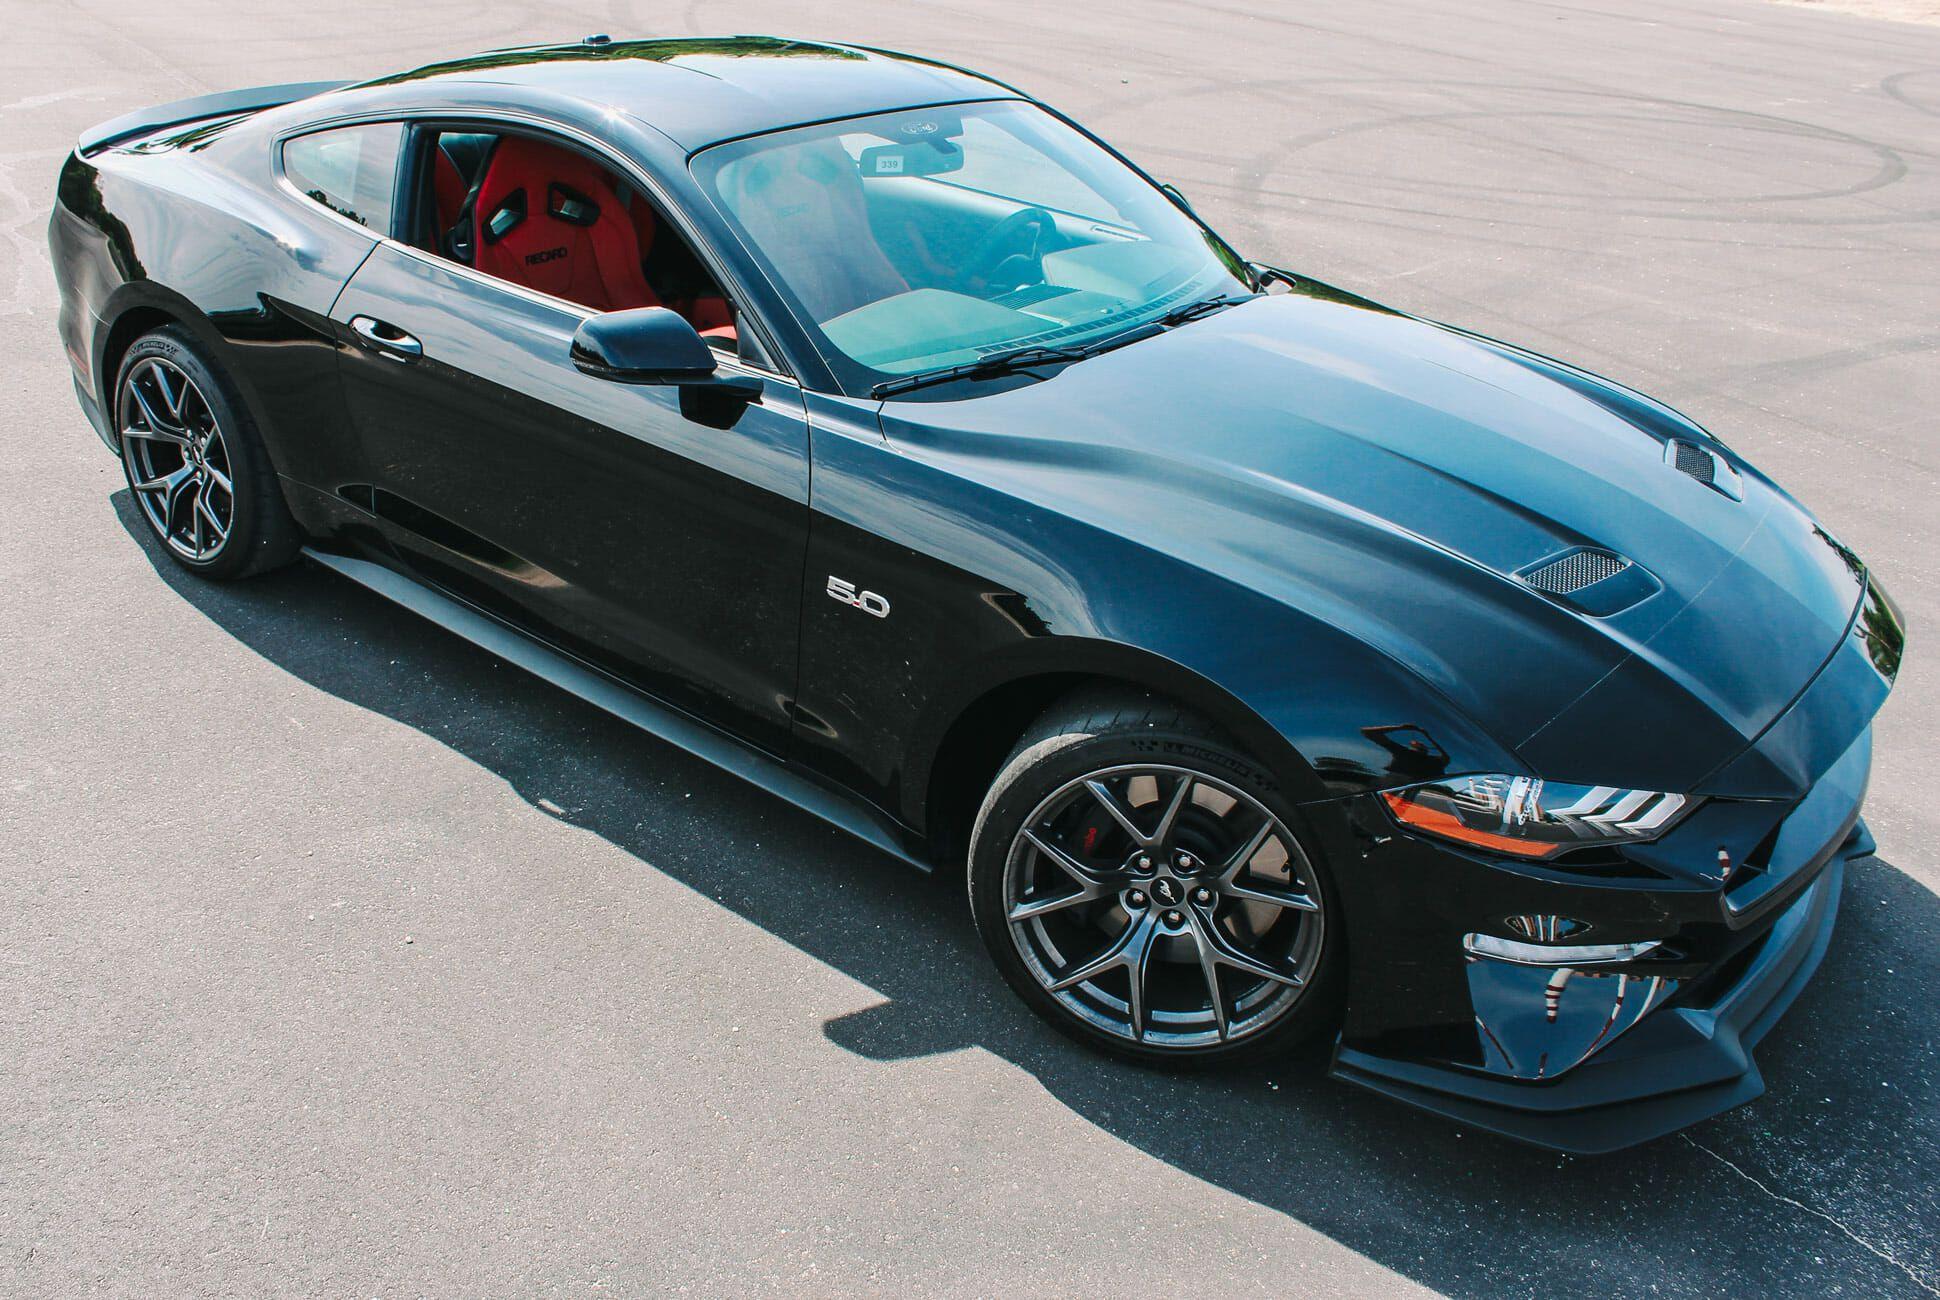 Mustang-Performance-Pack-Gear-Patrol-Slide-3